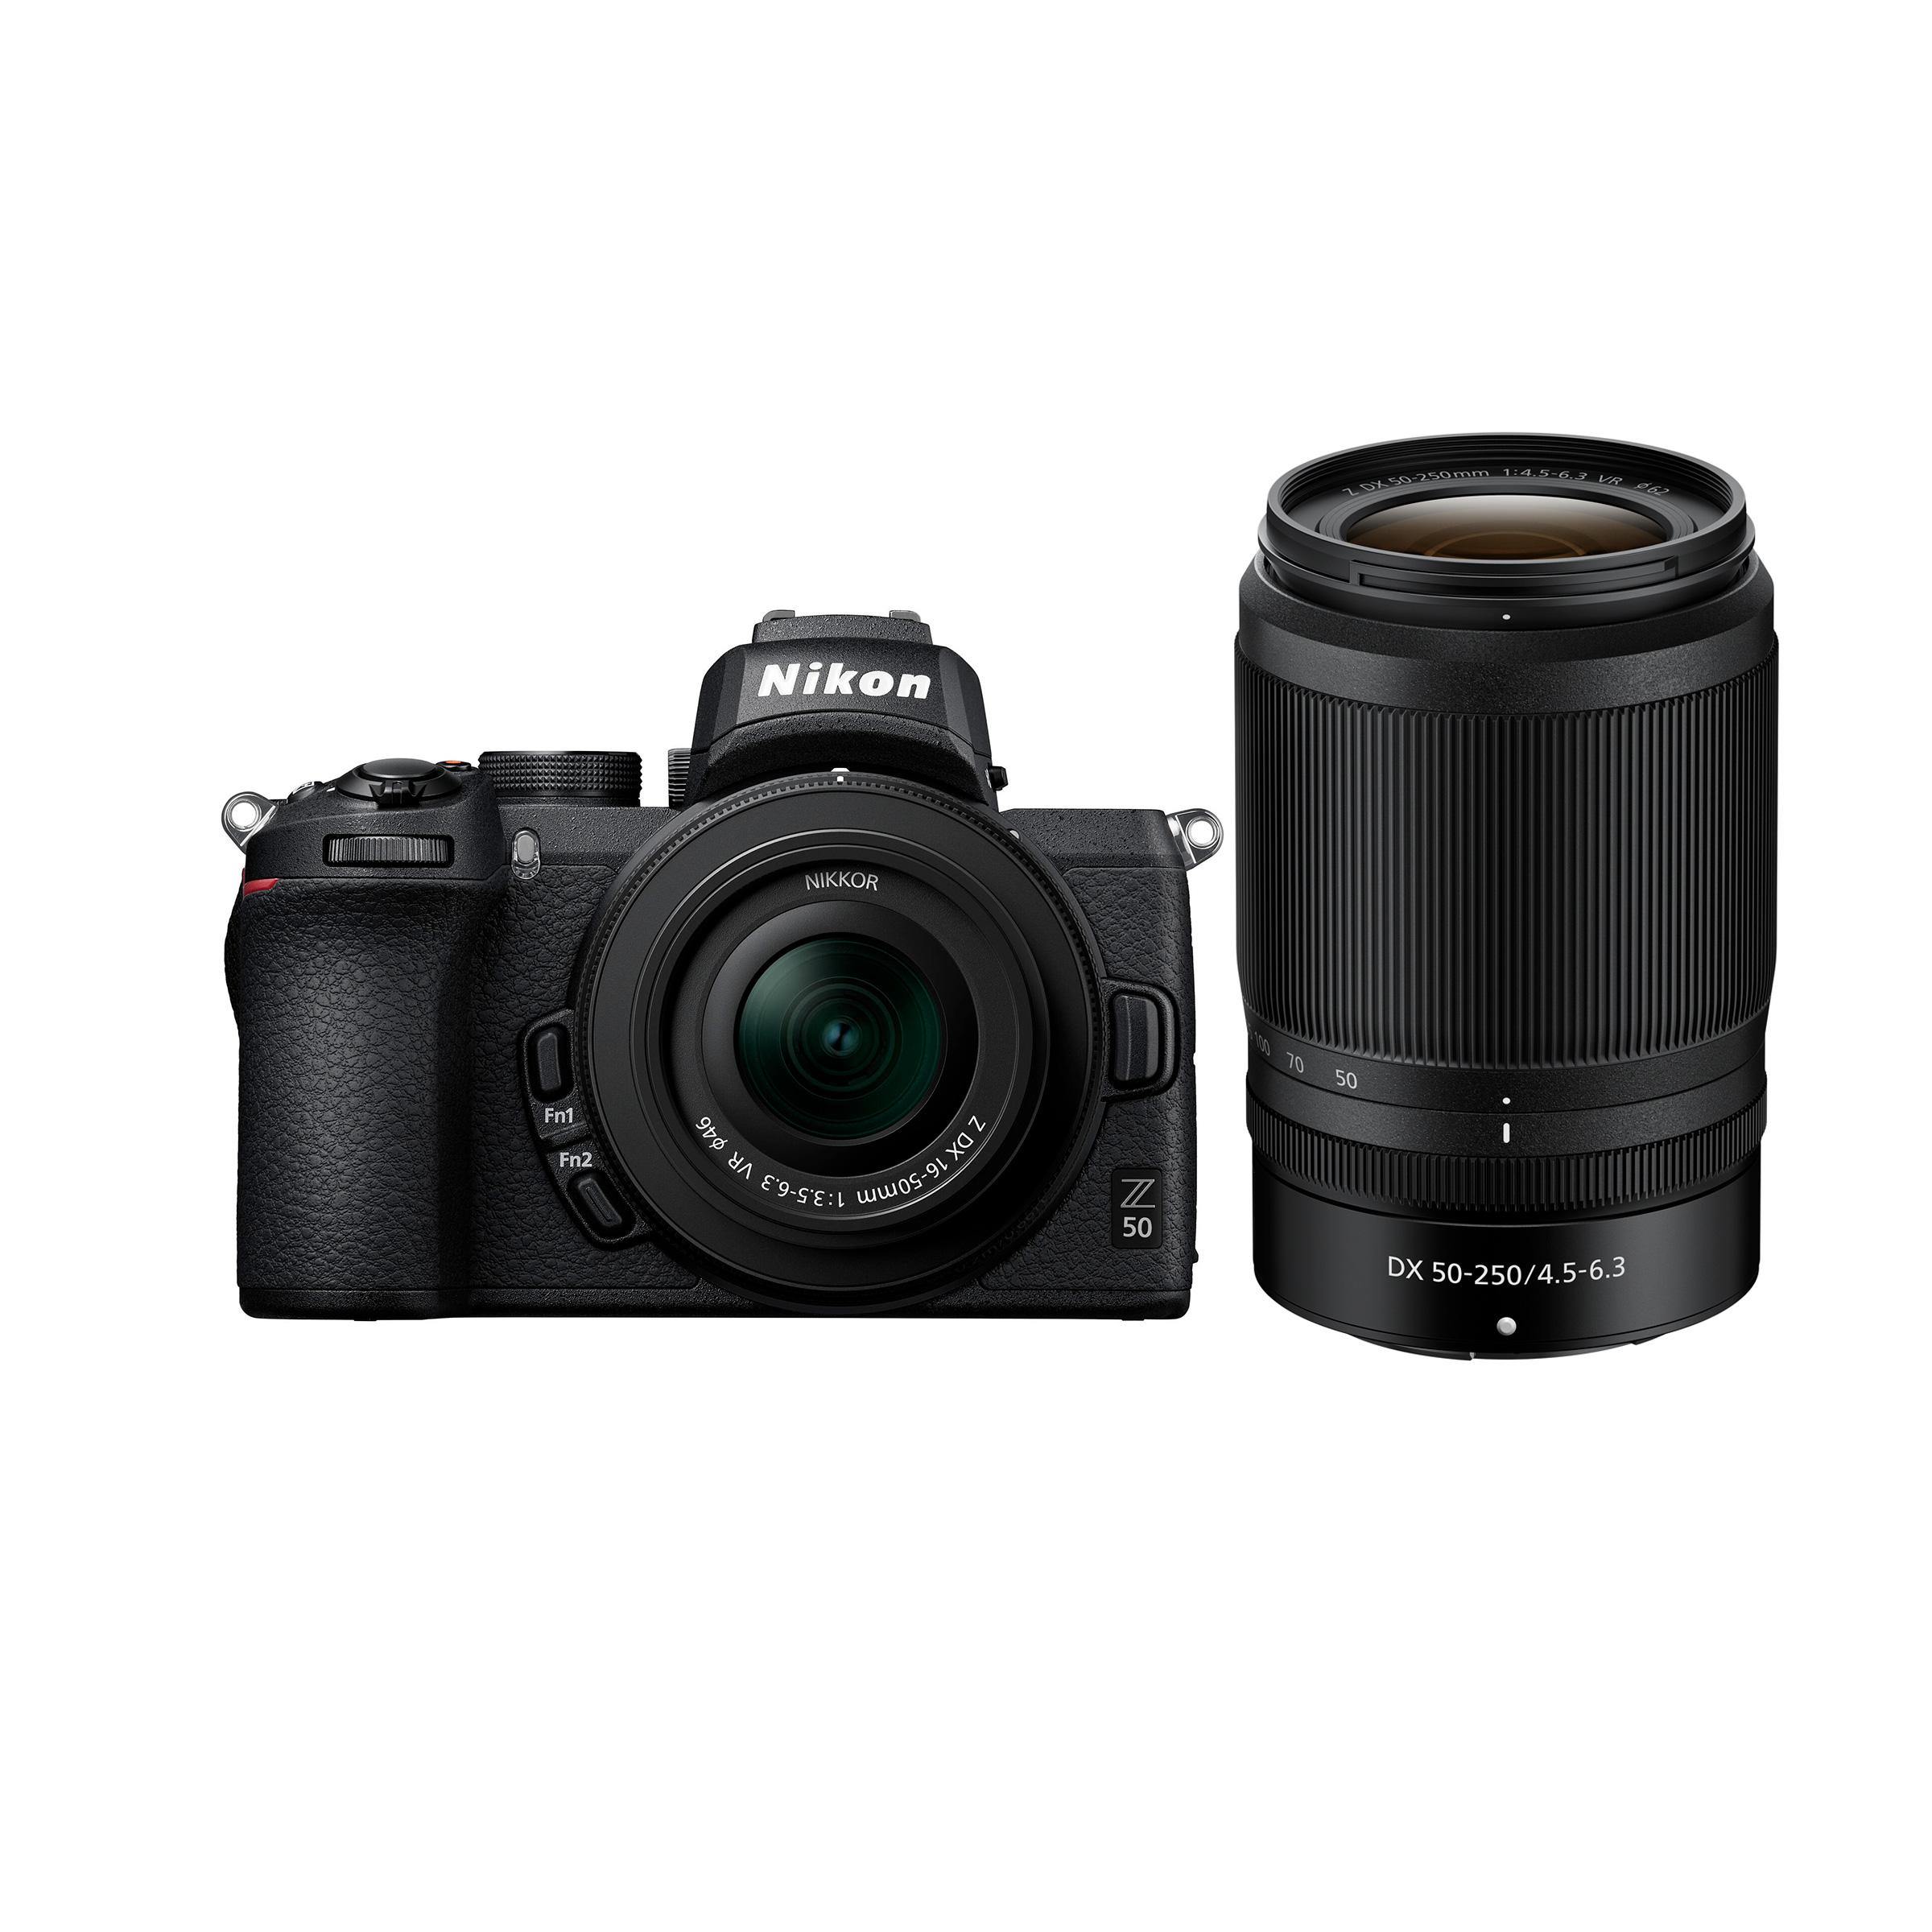 Nikon Z 50 + Z DX 16-50mm VR + Z DX 50-250mm VR